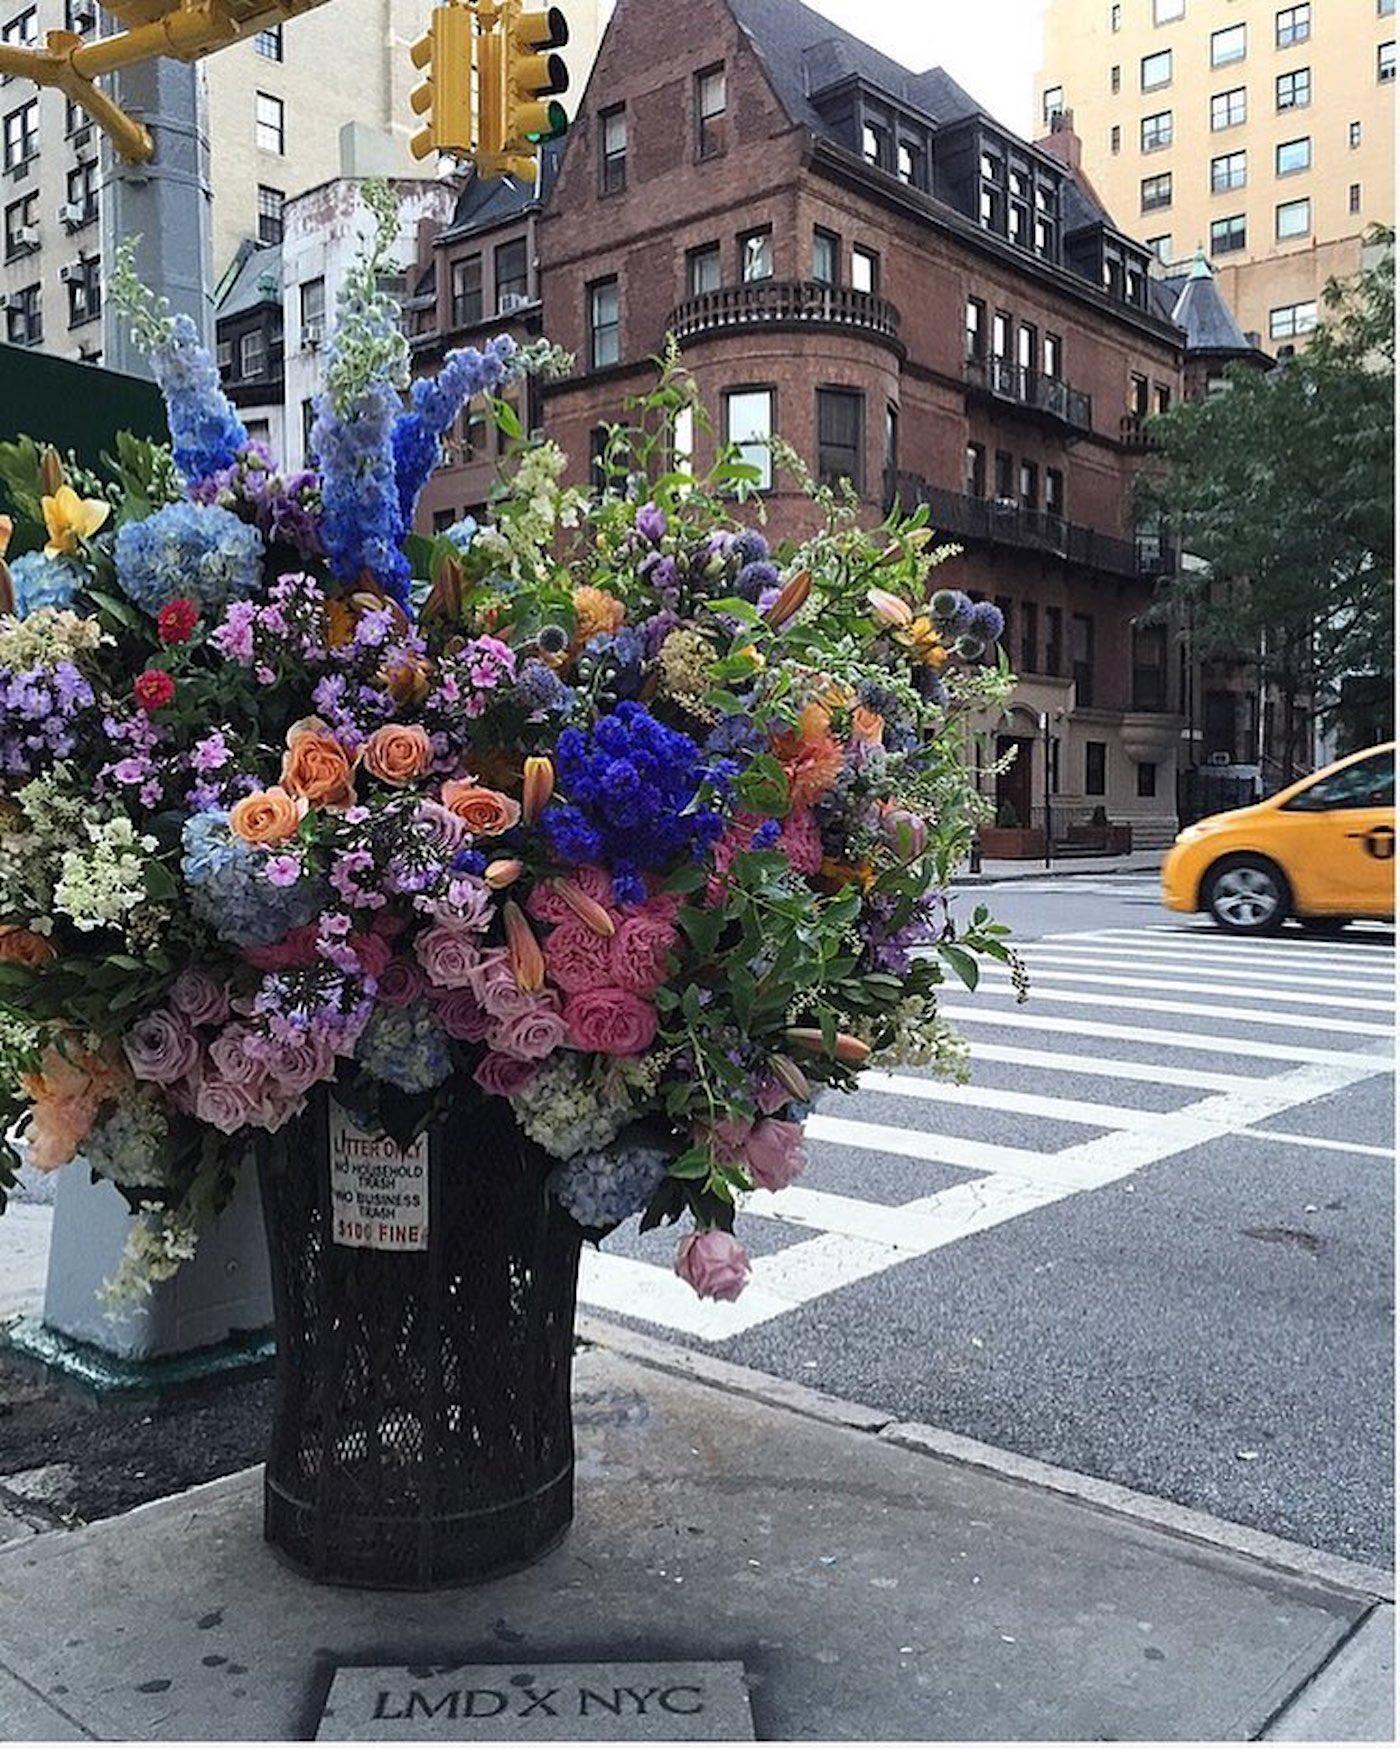 Le fleuriste Lewis Miller transforme les poubelles de New York en vases géants